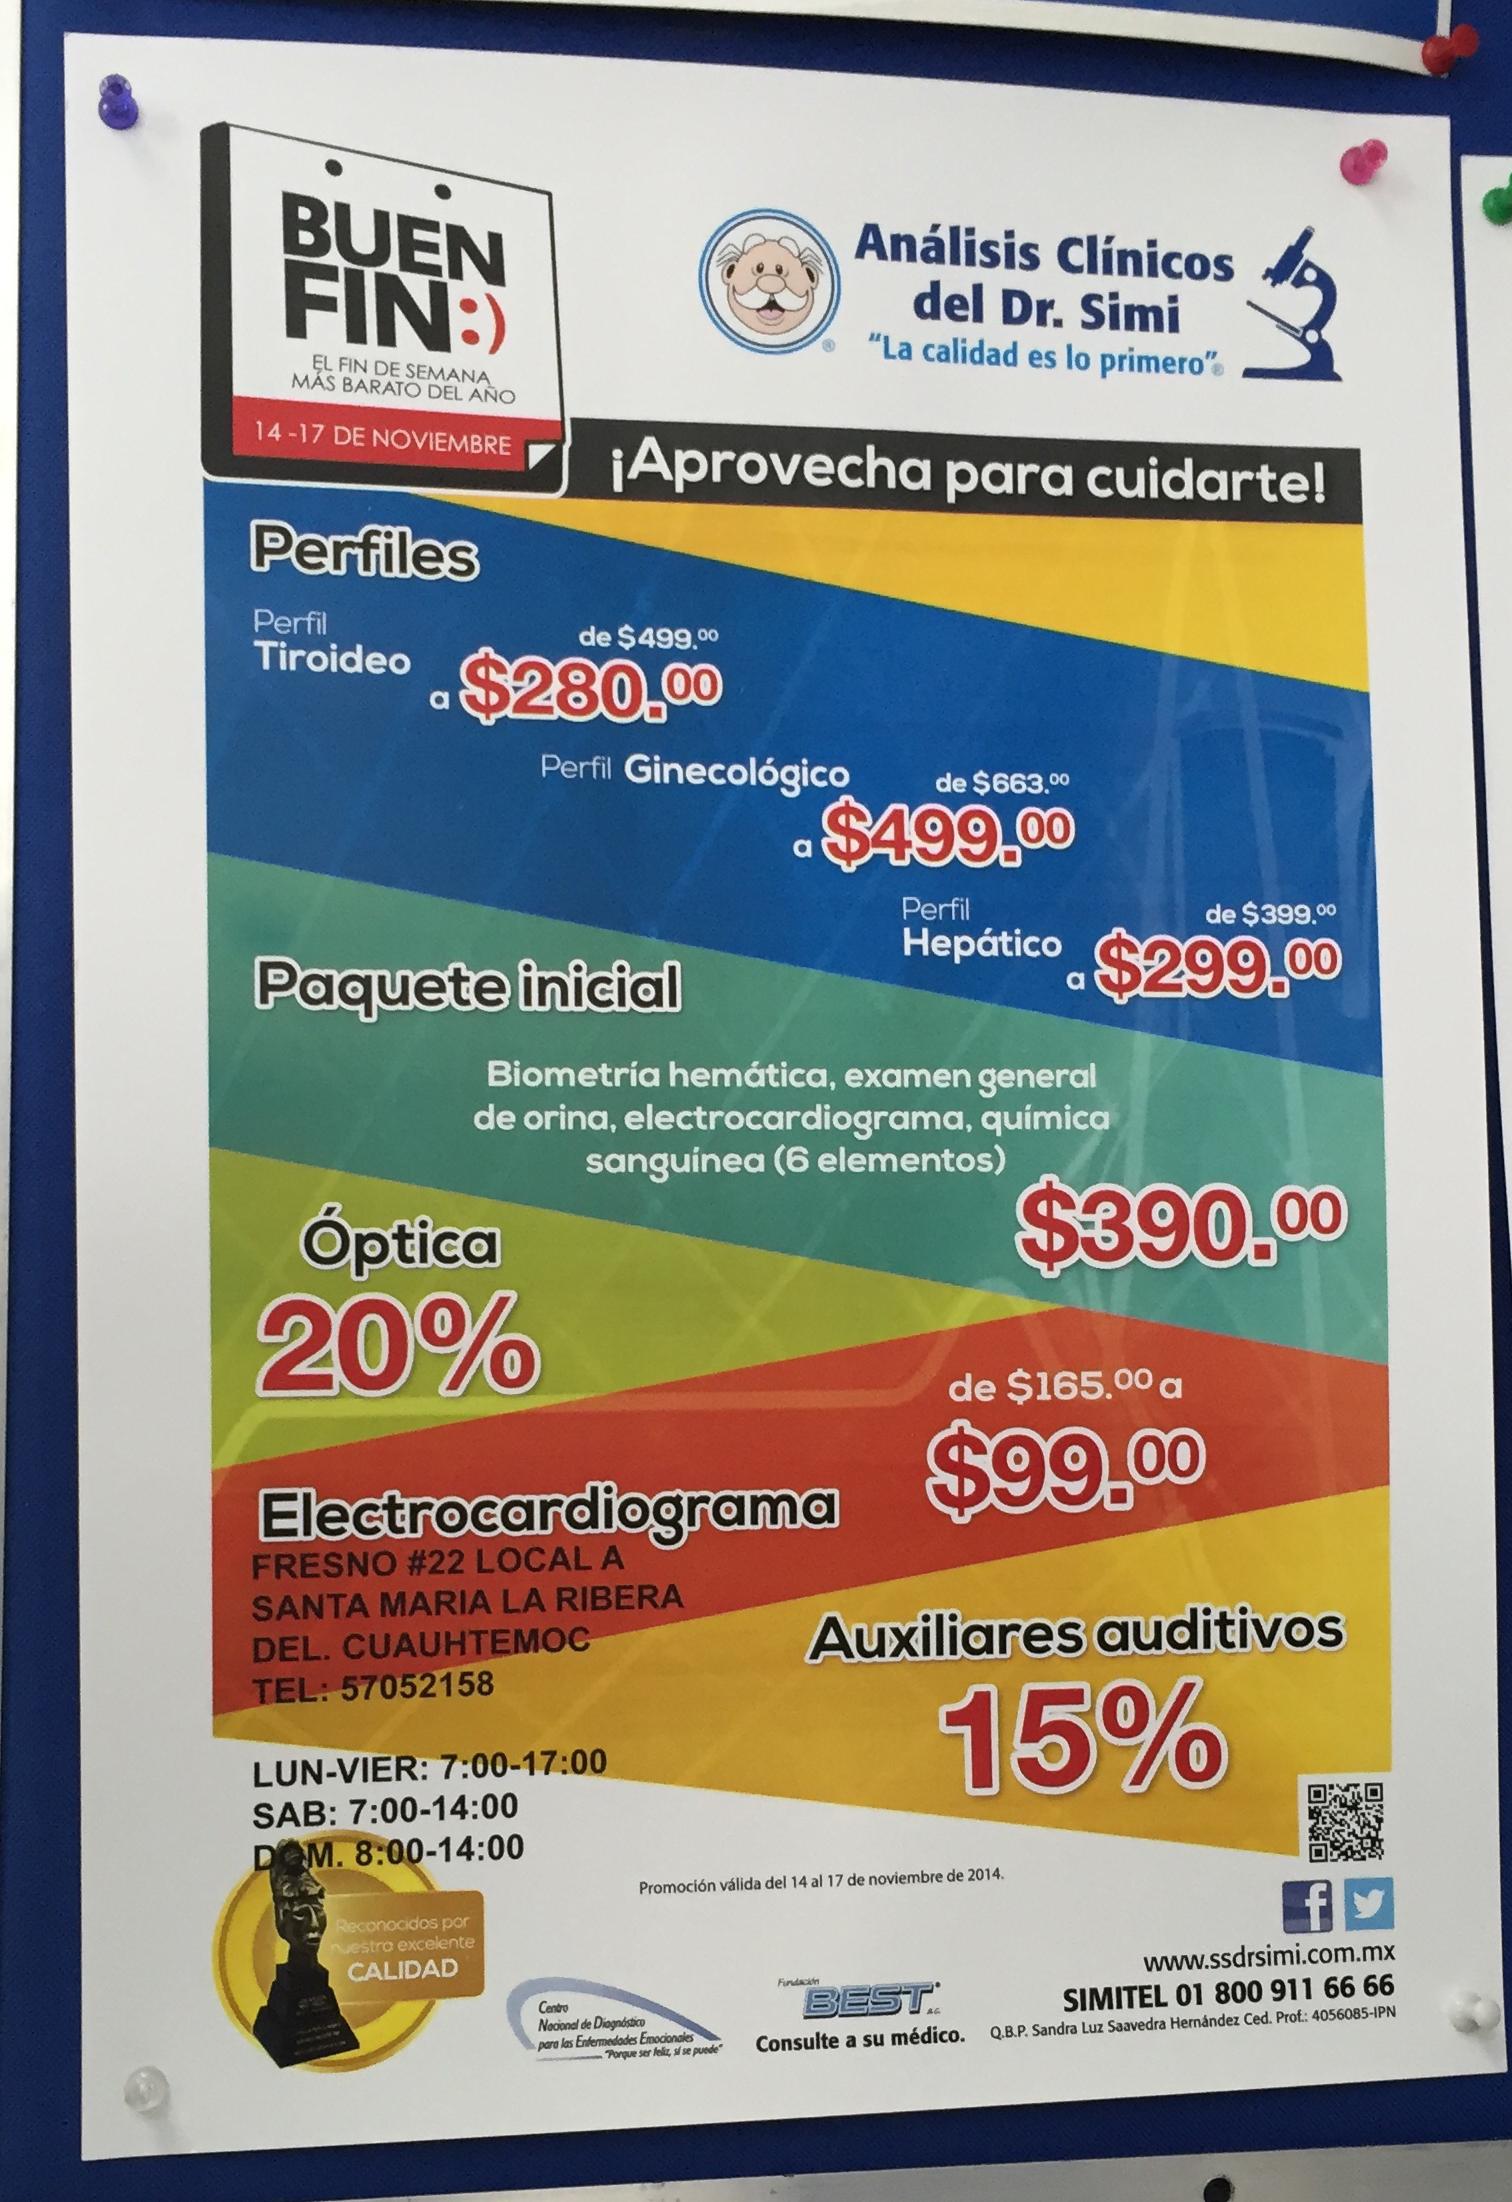 Promociones del Buen Fin en Análisis Clínicos del Dr. Simi